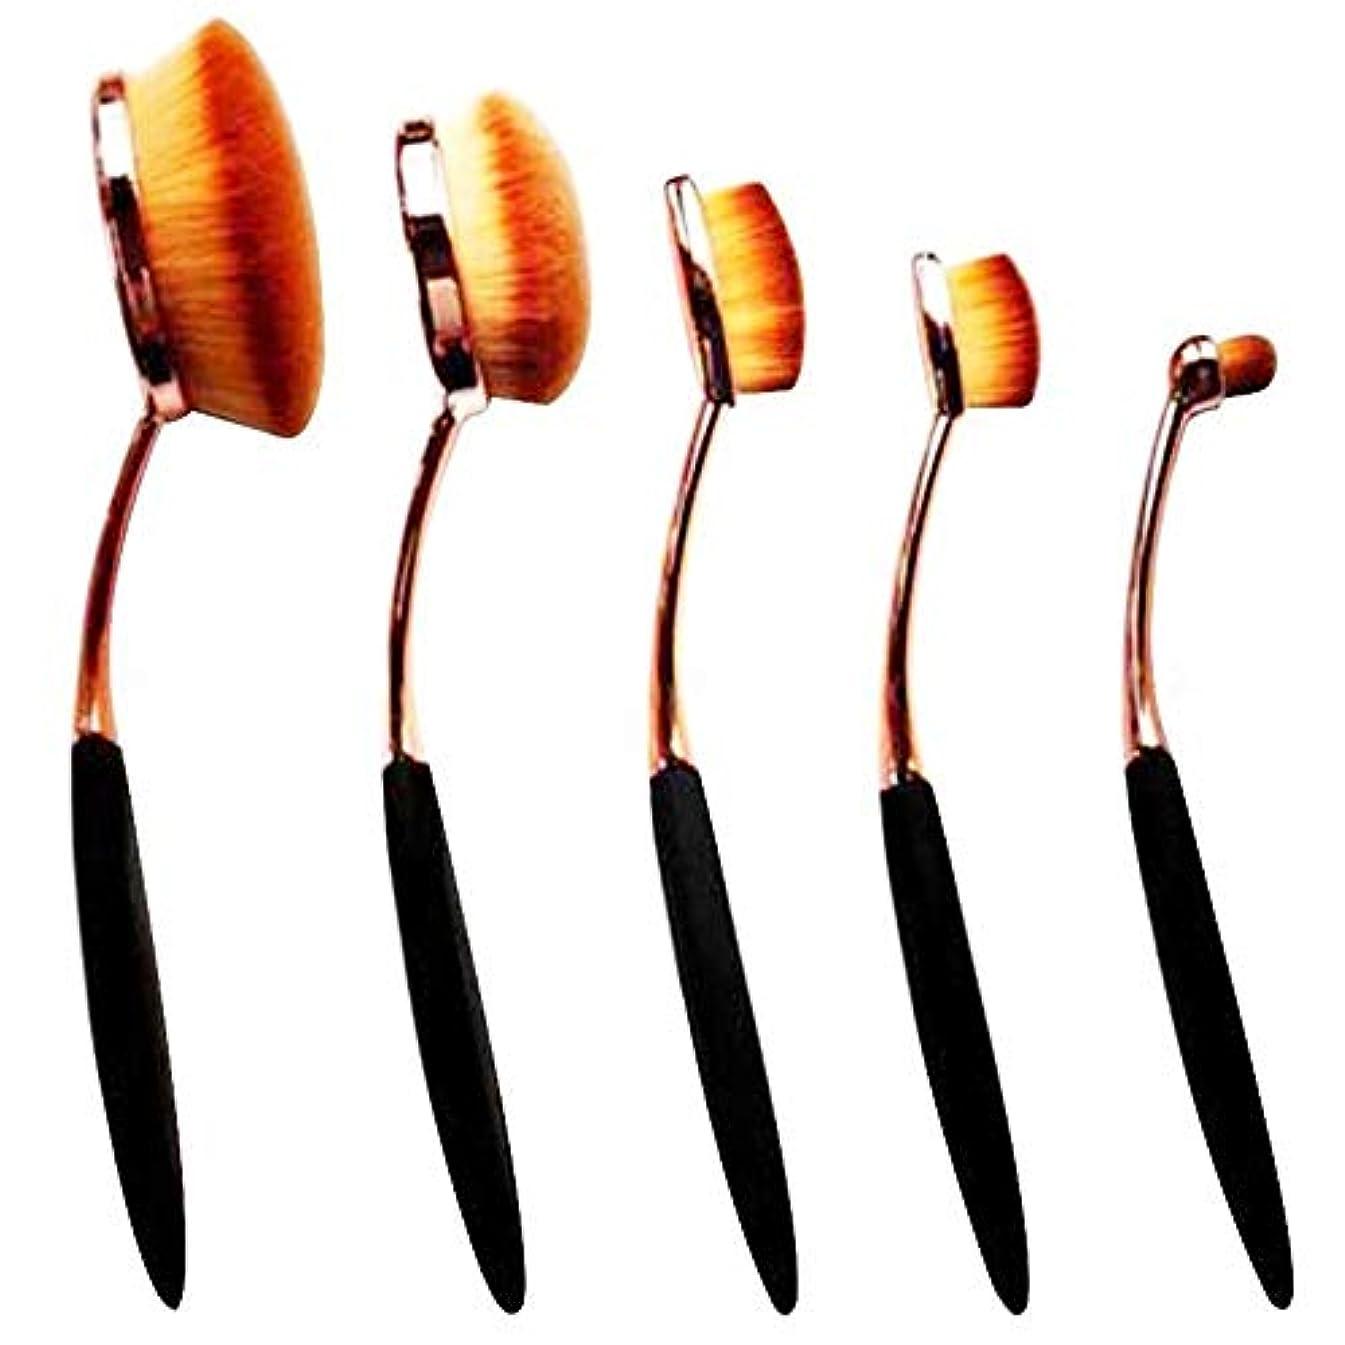 コメンテーターいわゆるシロクマ5個 専用 化粧ブラシ 歯ブラシ型 高級繊維毛 ファンデーションブラシ メイクブラシ メイクアップブラシ コスメ 化粧 ファンデーションブラシ